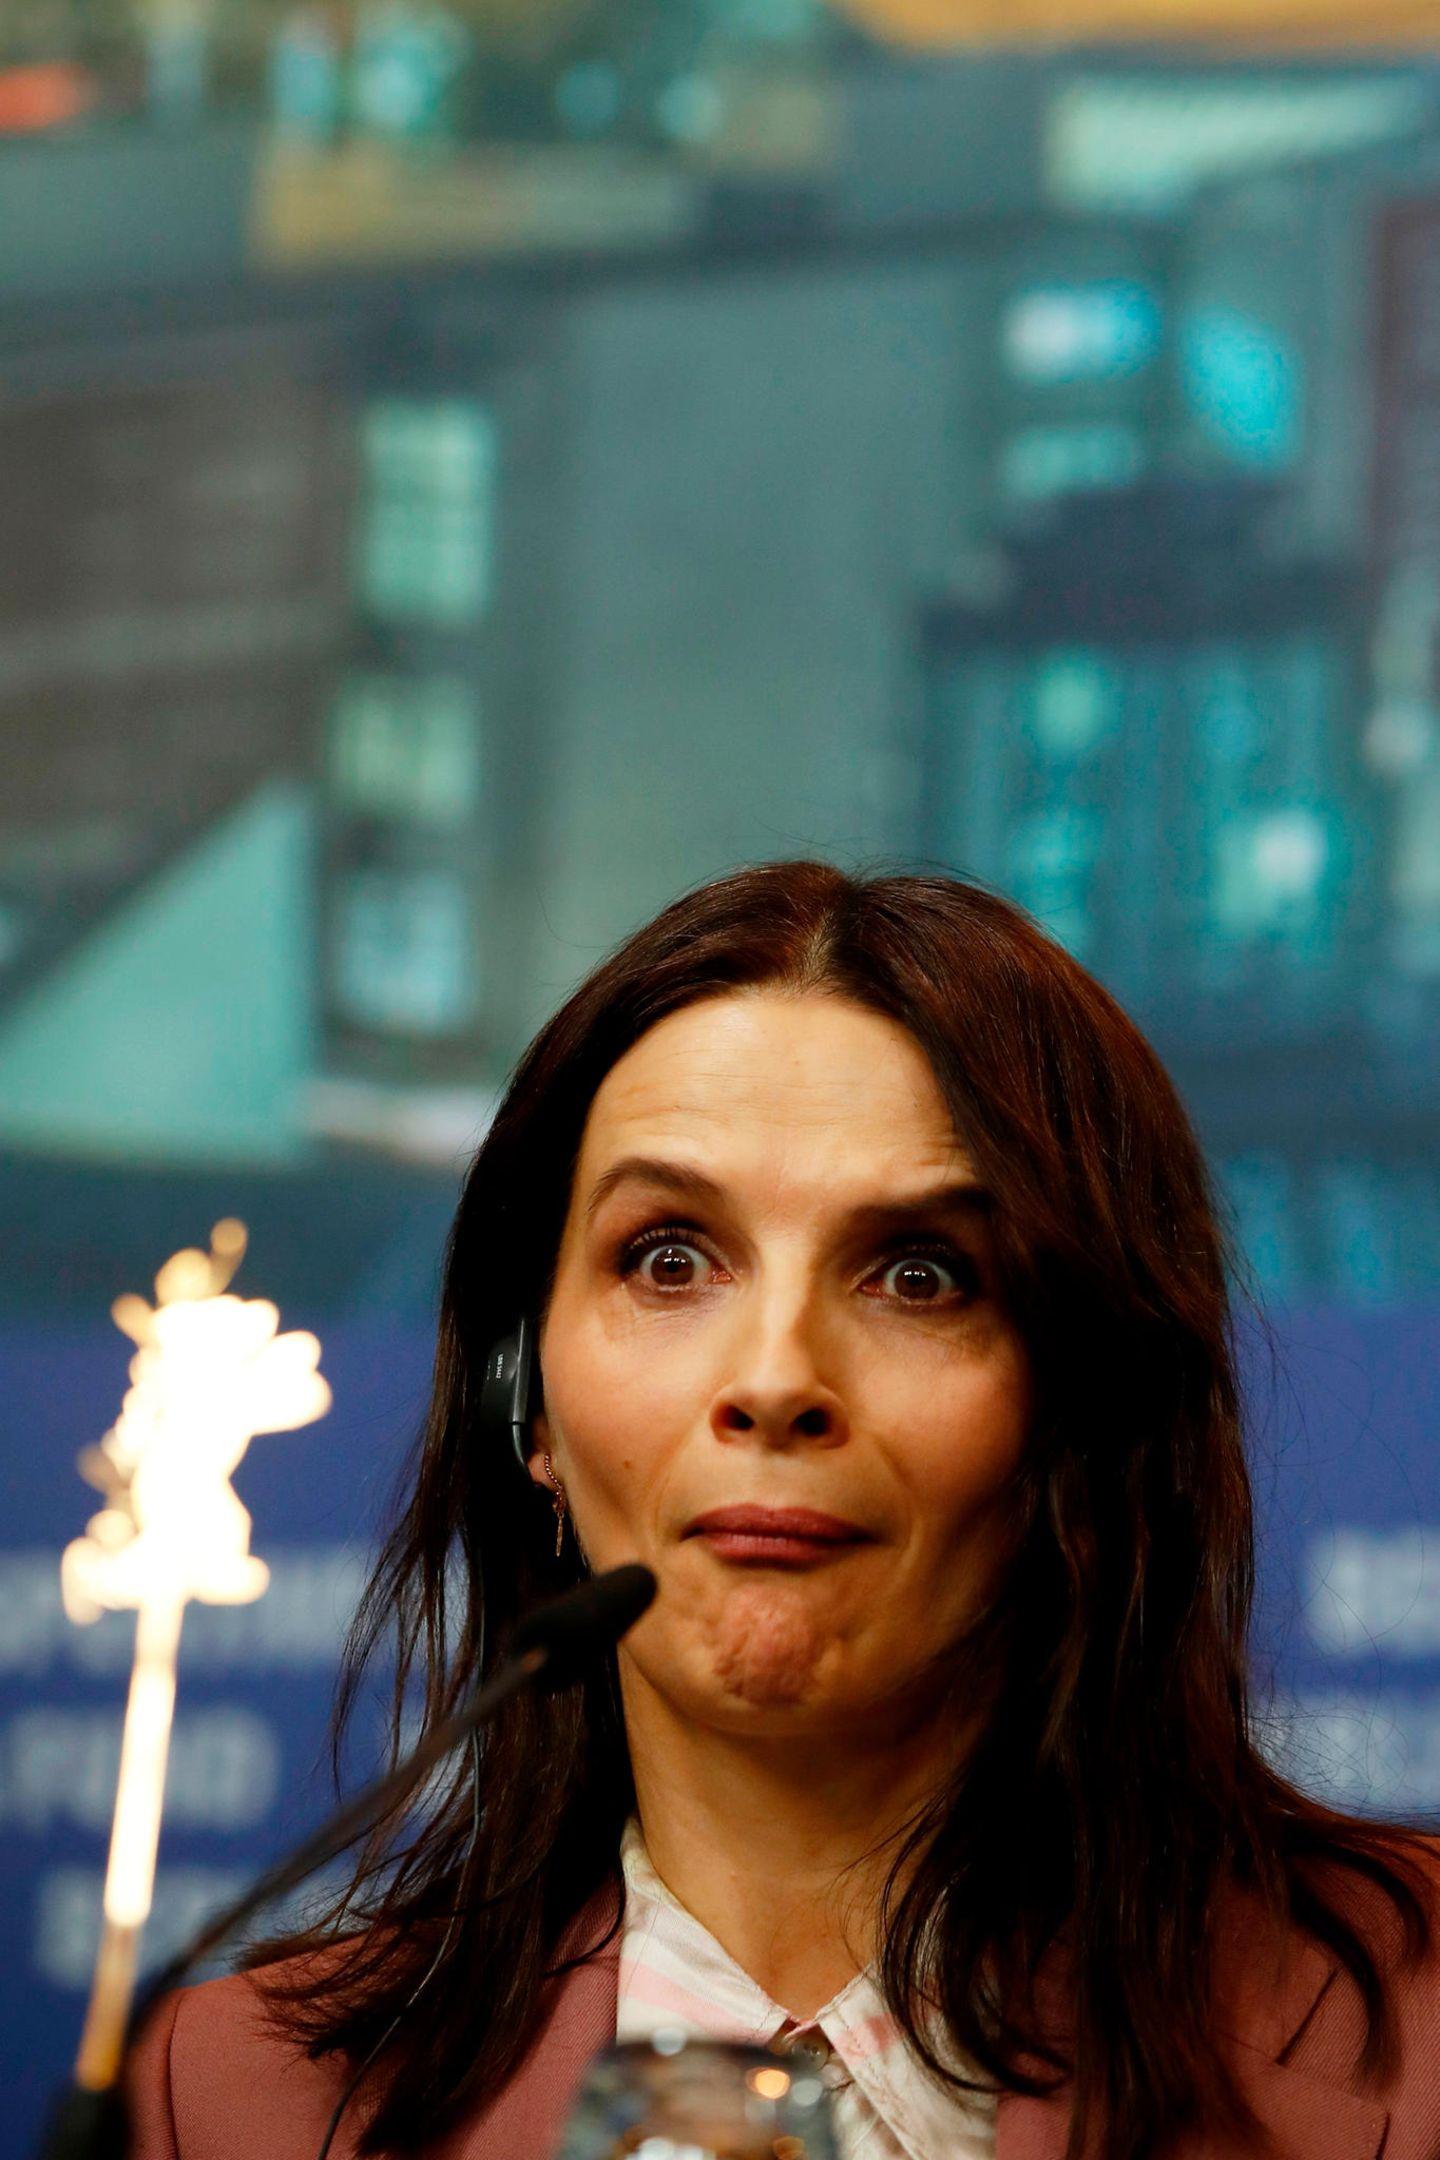 """Welche Frage Juliette Binoche bei der Pressekonferenz für ihren neuen Film """"Who You Think I Am"""" gestellt bekommen hat, wissen wir nicht, aber dass ihre Reaktion darauf urkomisch ist."""